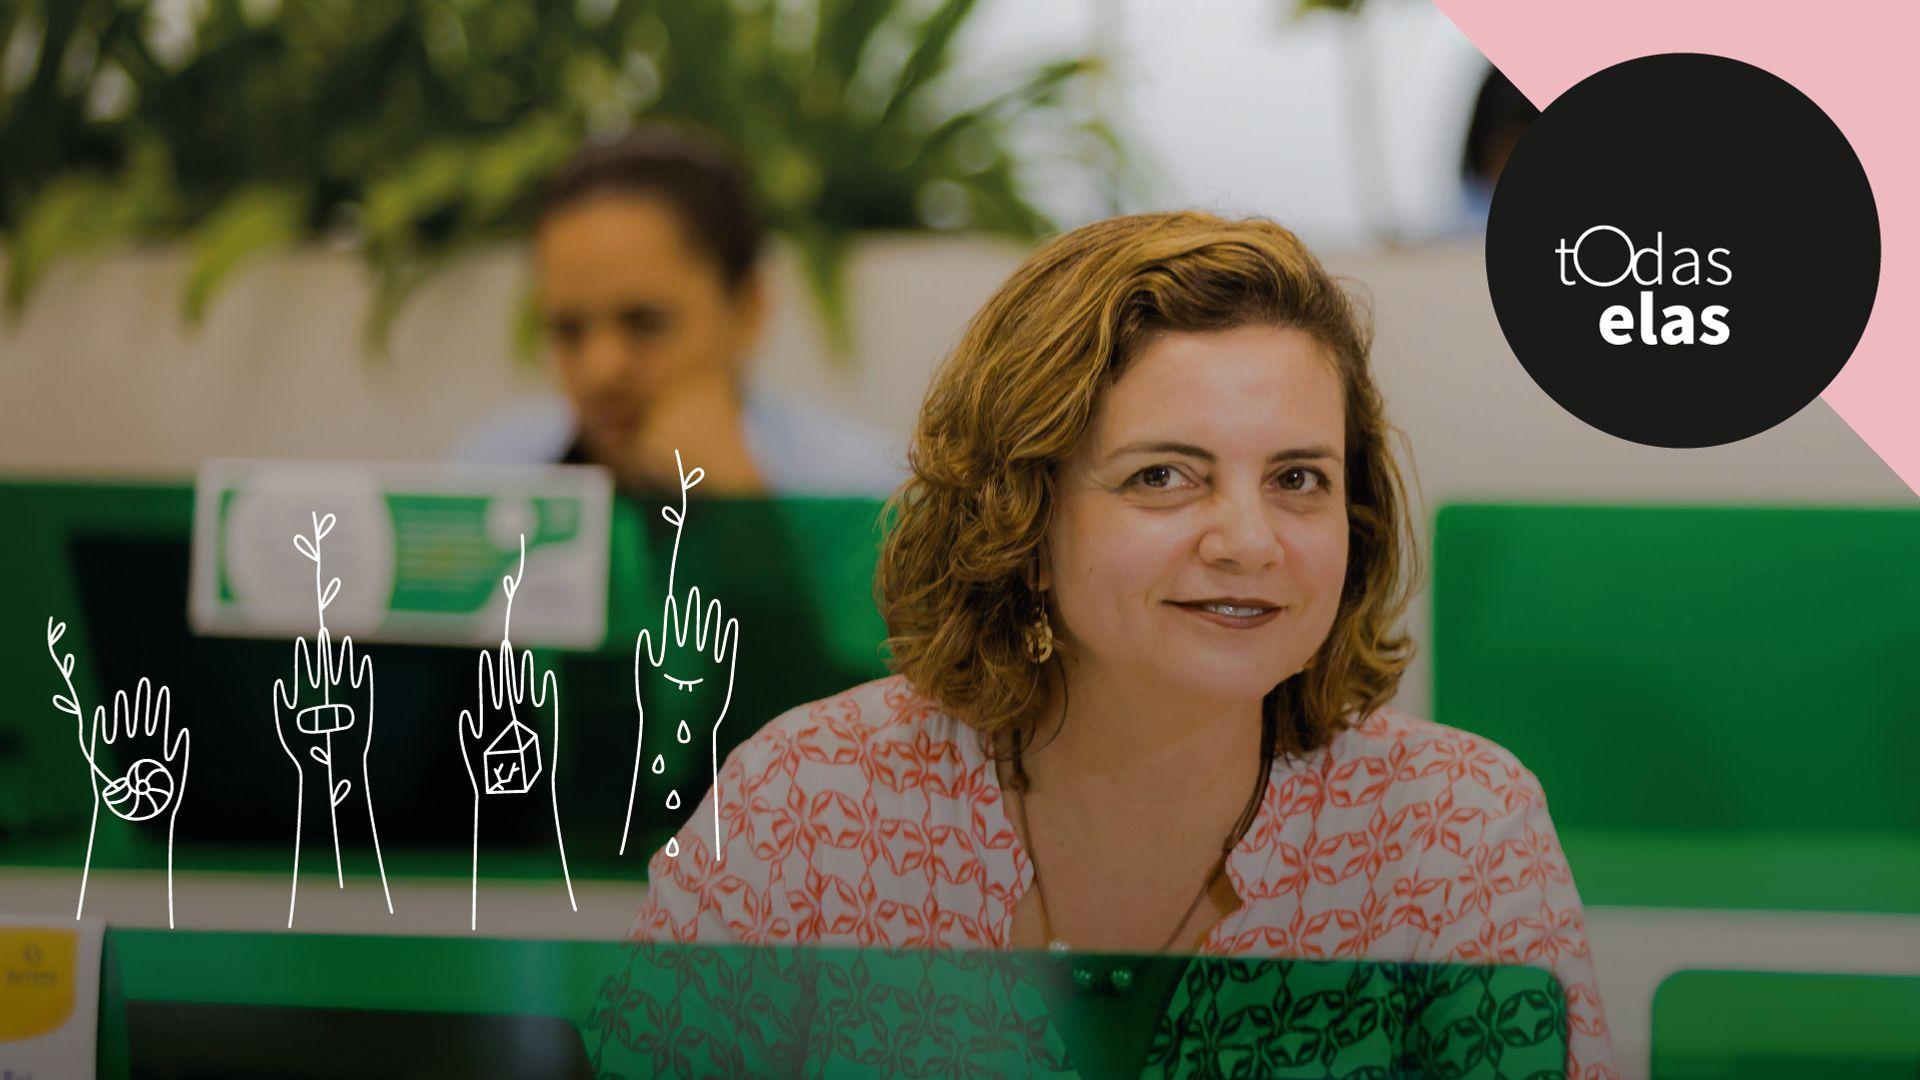 Marisa Ferreira Miranda revela que a meta da Suzano é ter 30% de mulheres em cargos de liderança até 2025